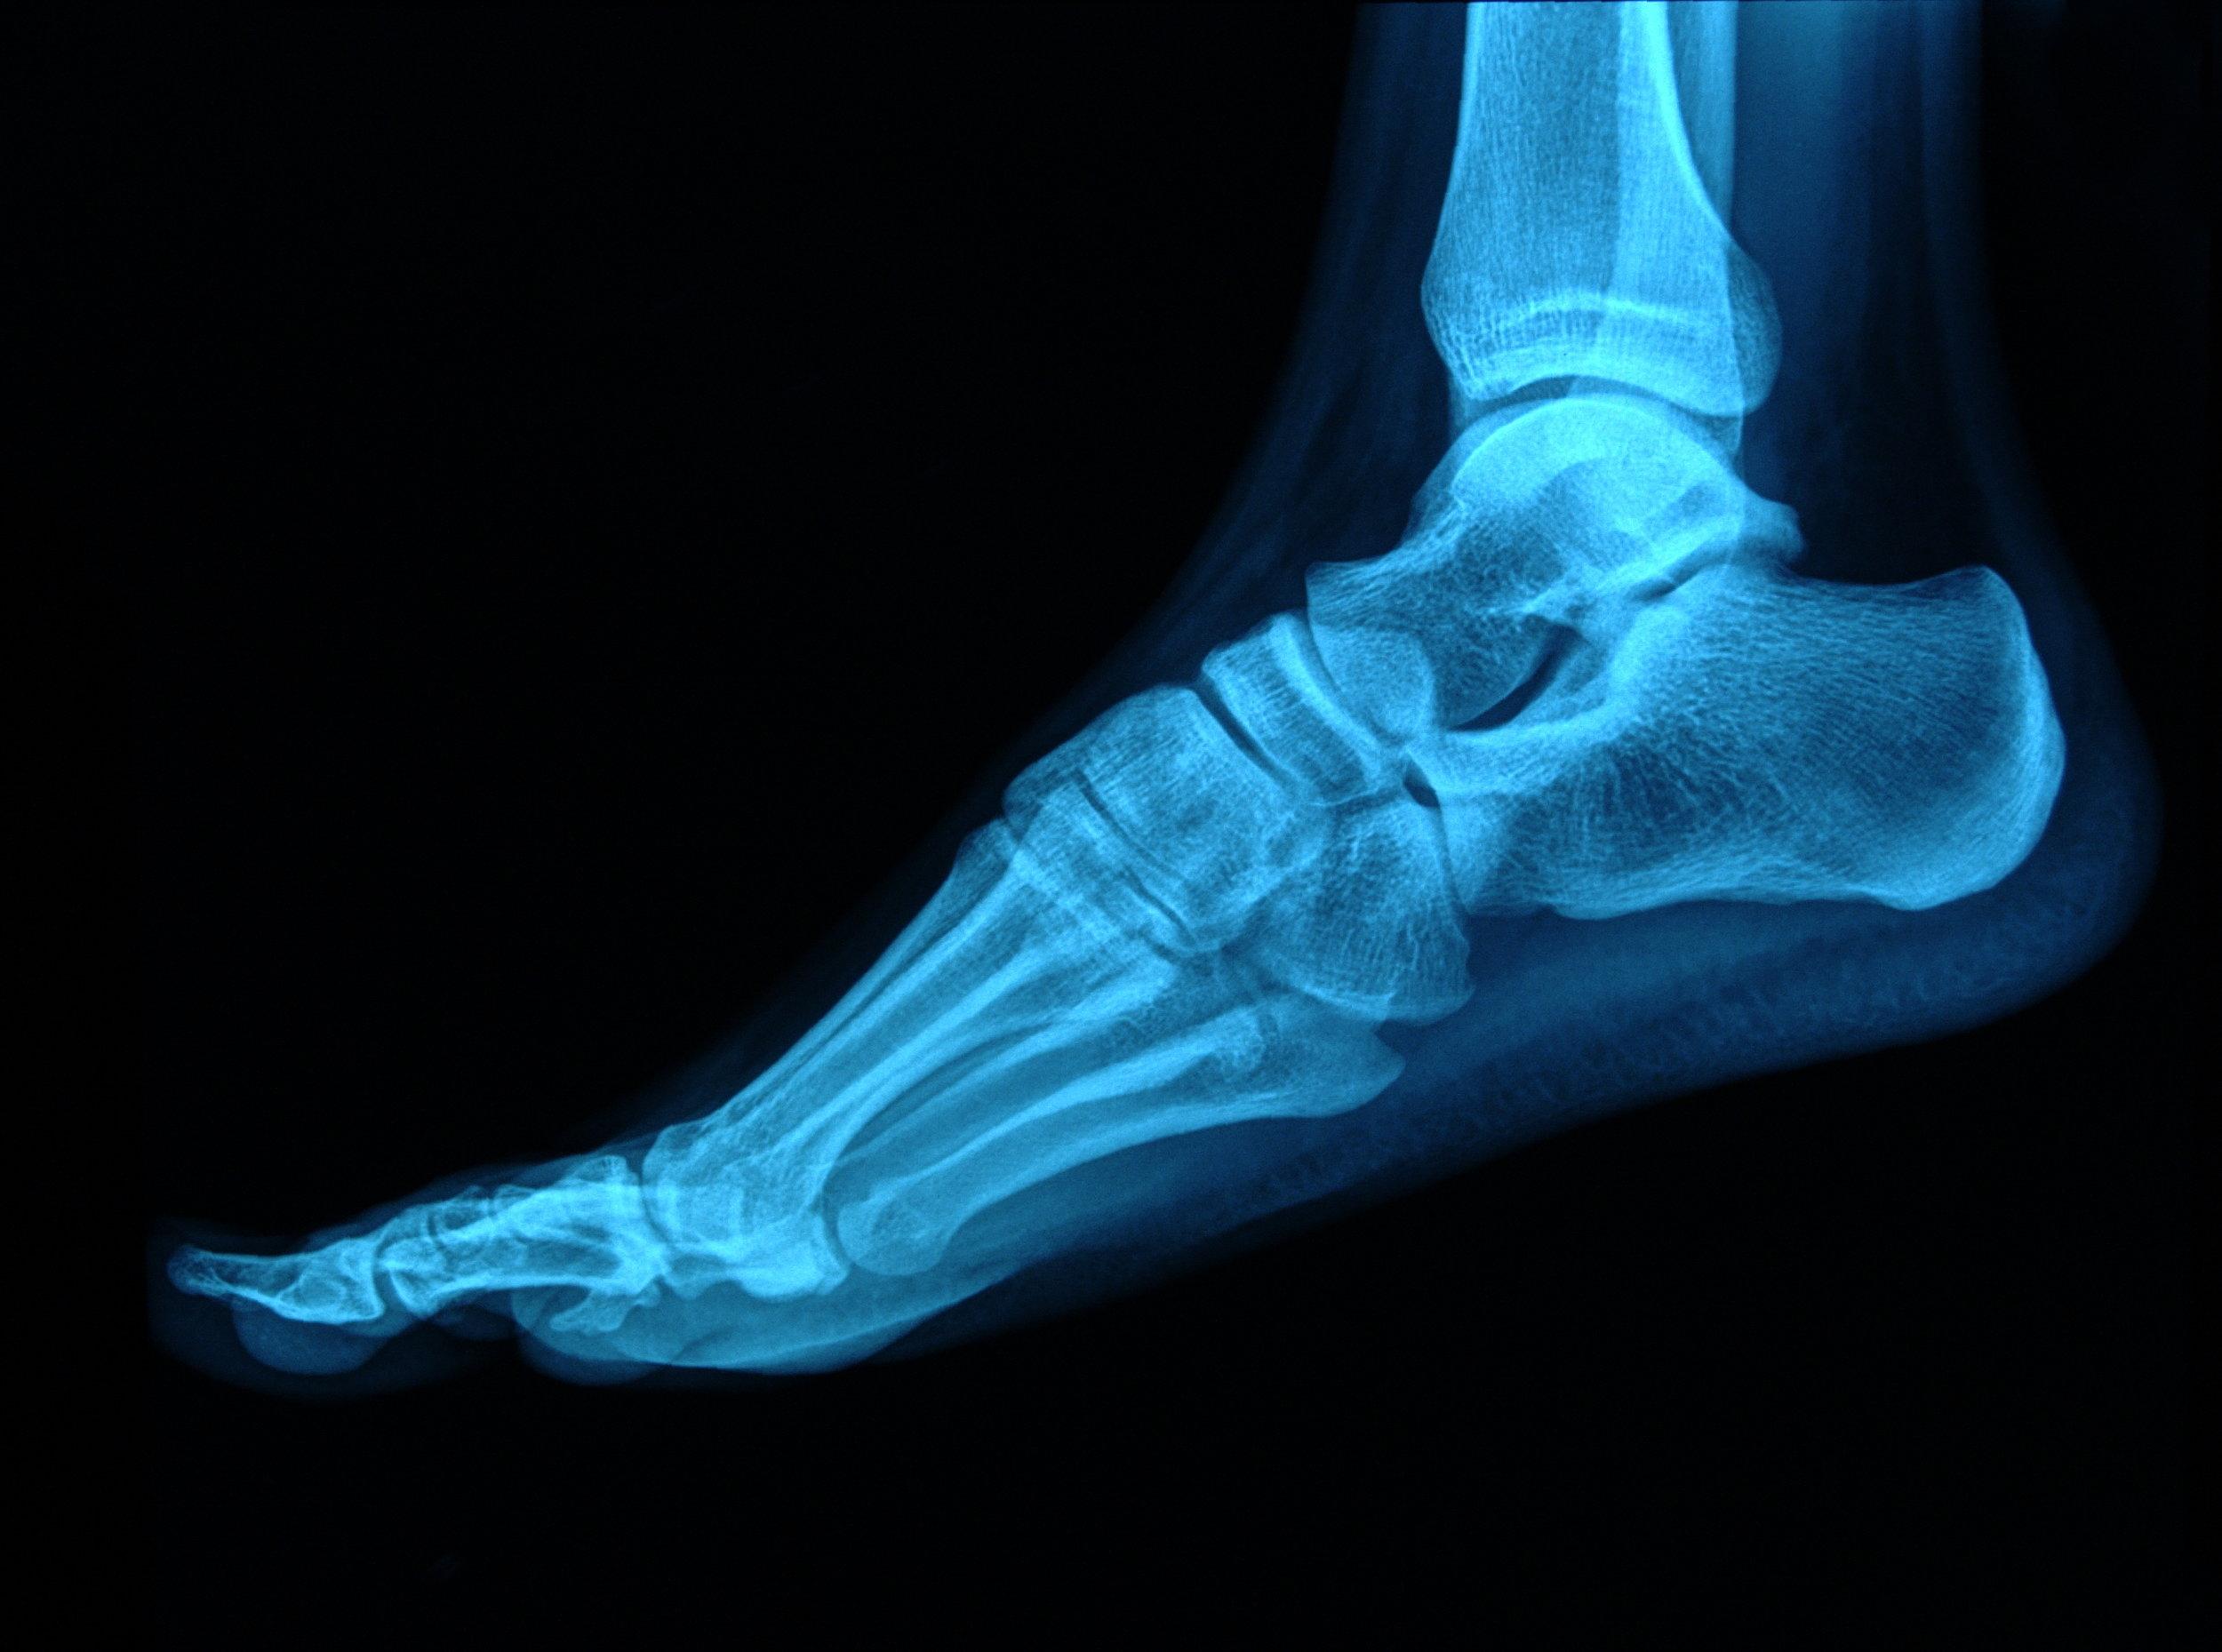 foot-surgery-valley-orthopaedic.jpg